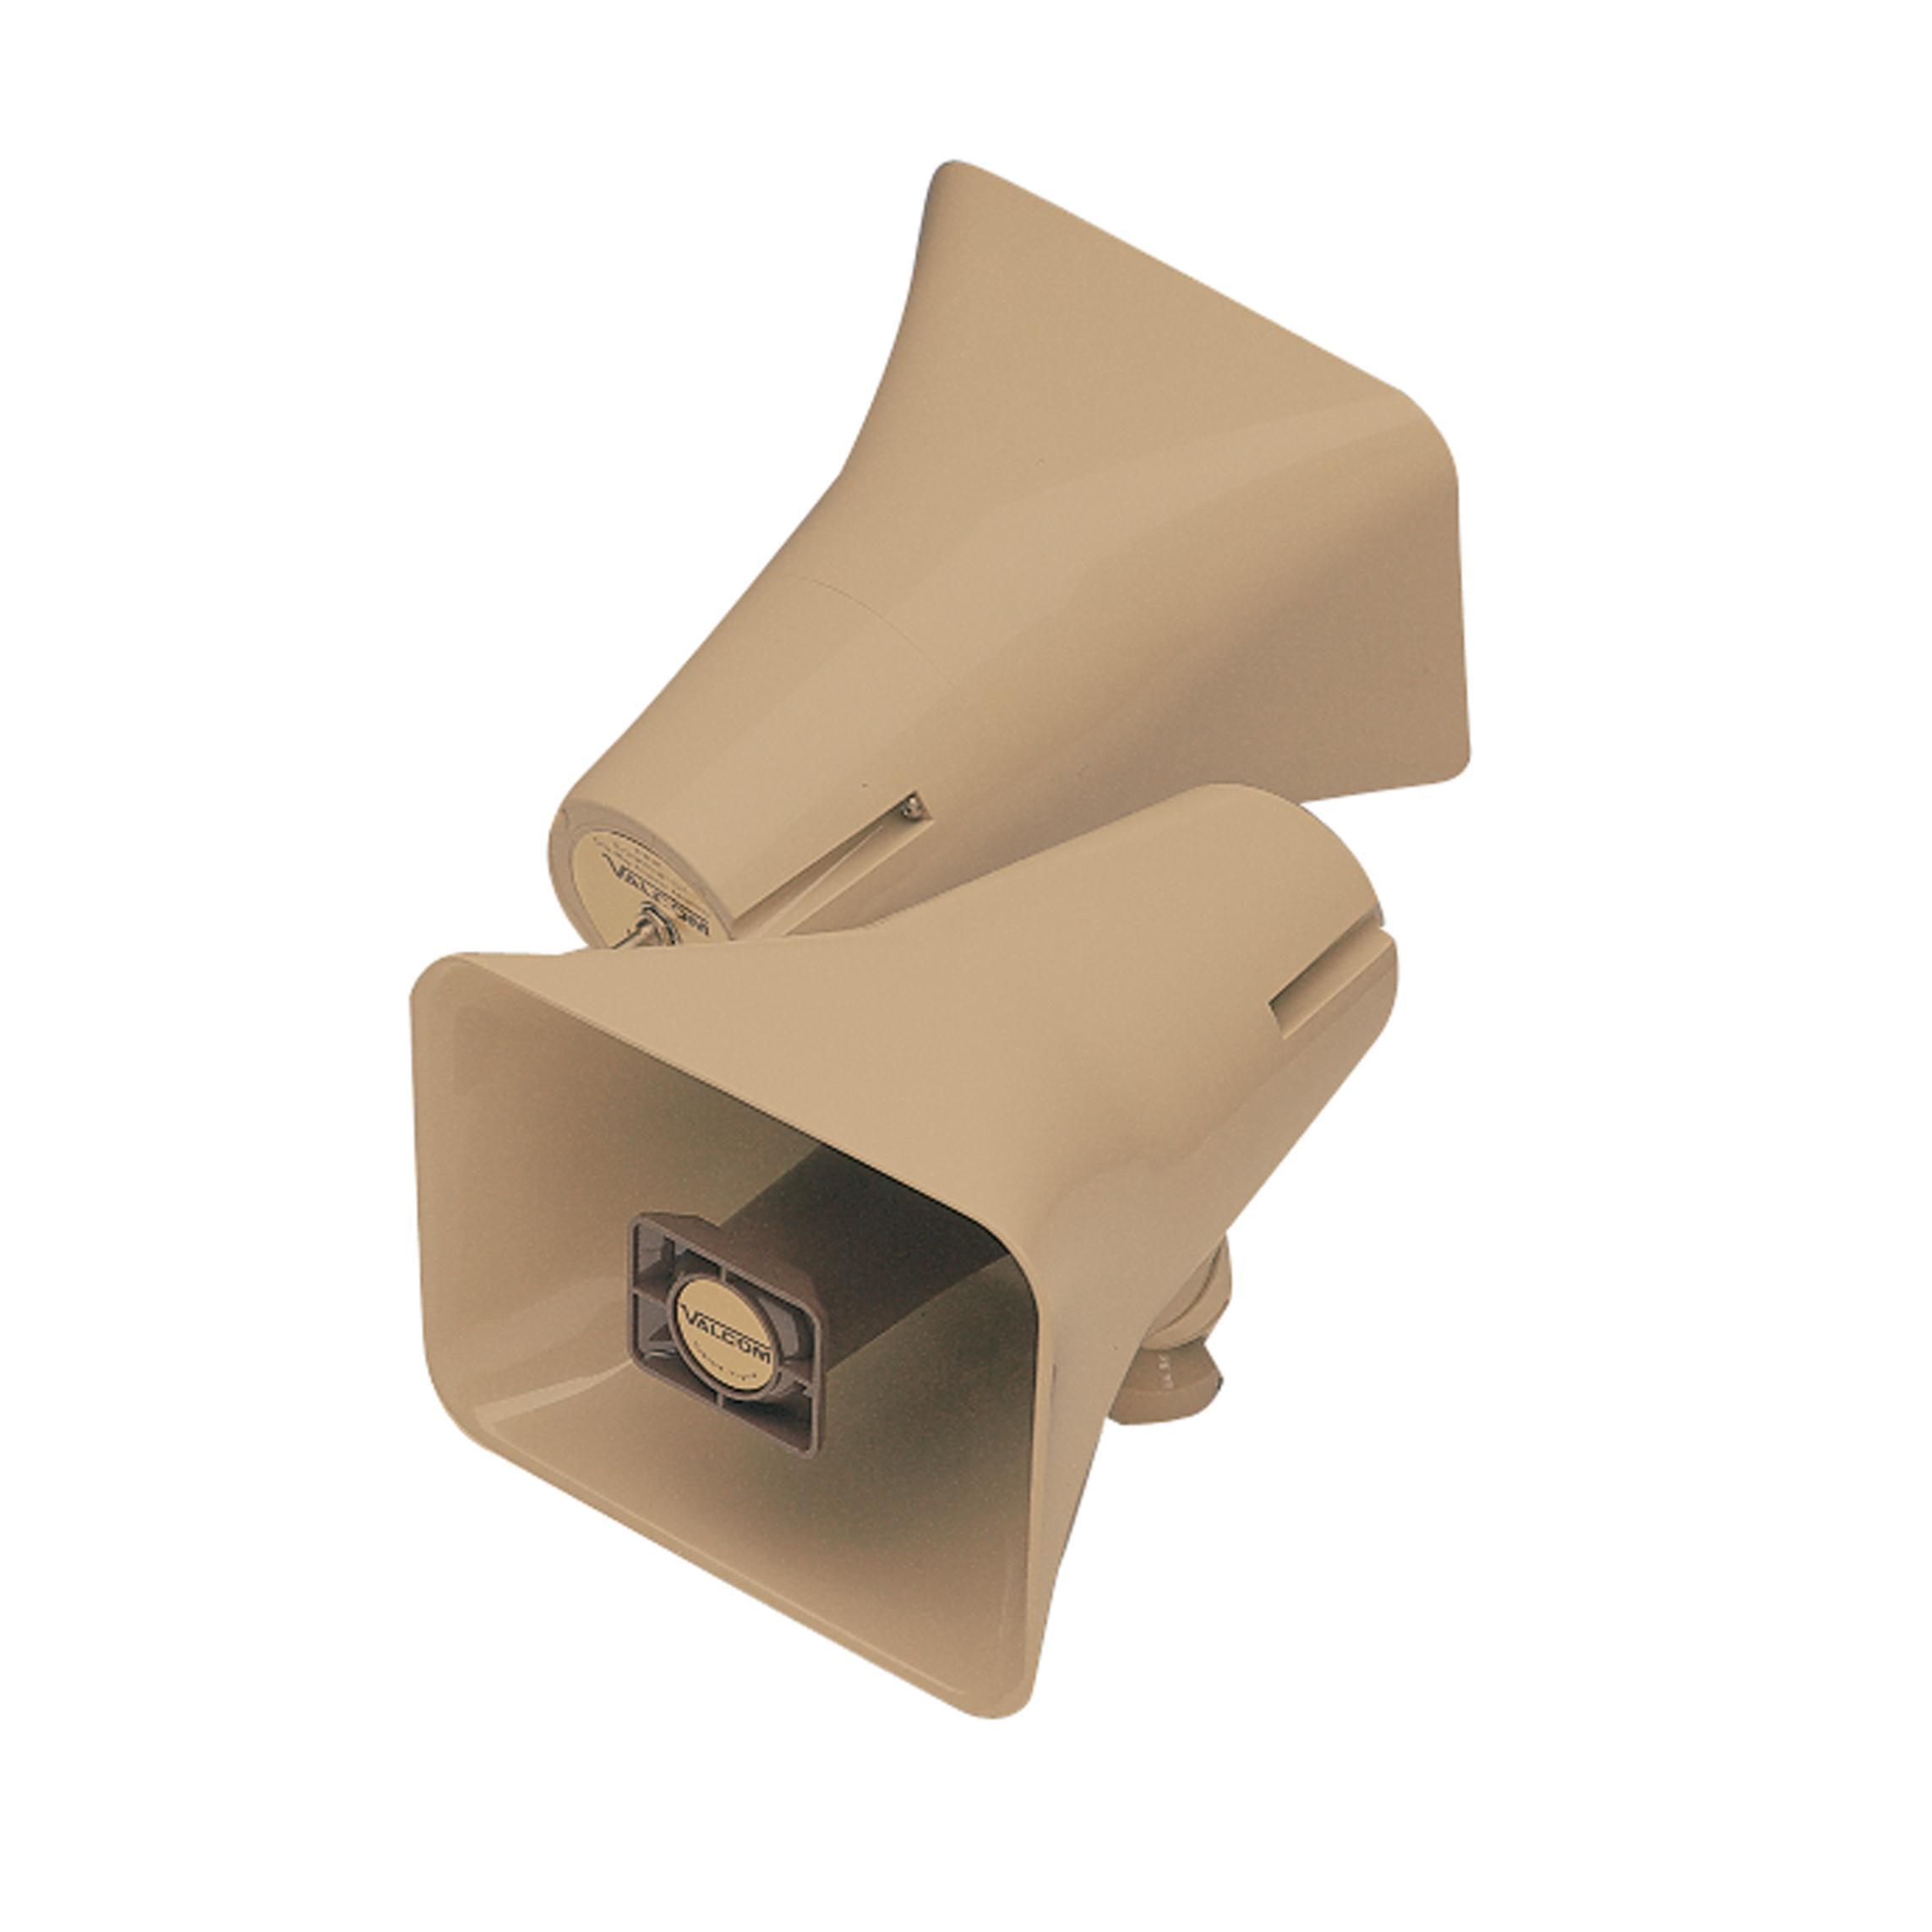 VALCOM V-1050C 5-Watt Bi-Directional Horn